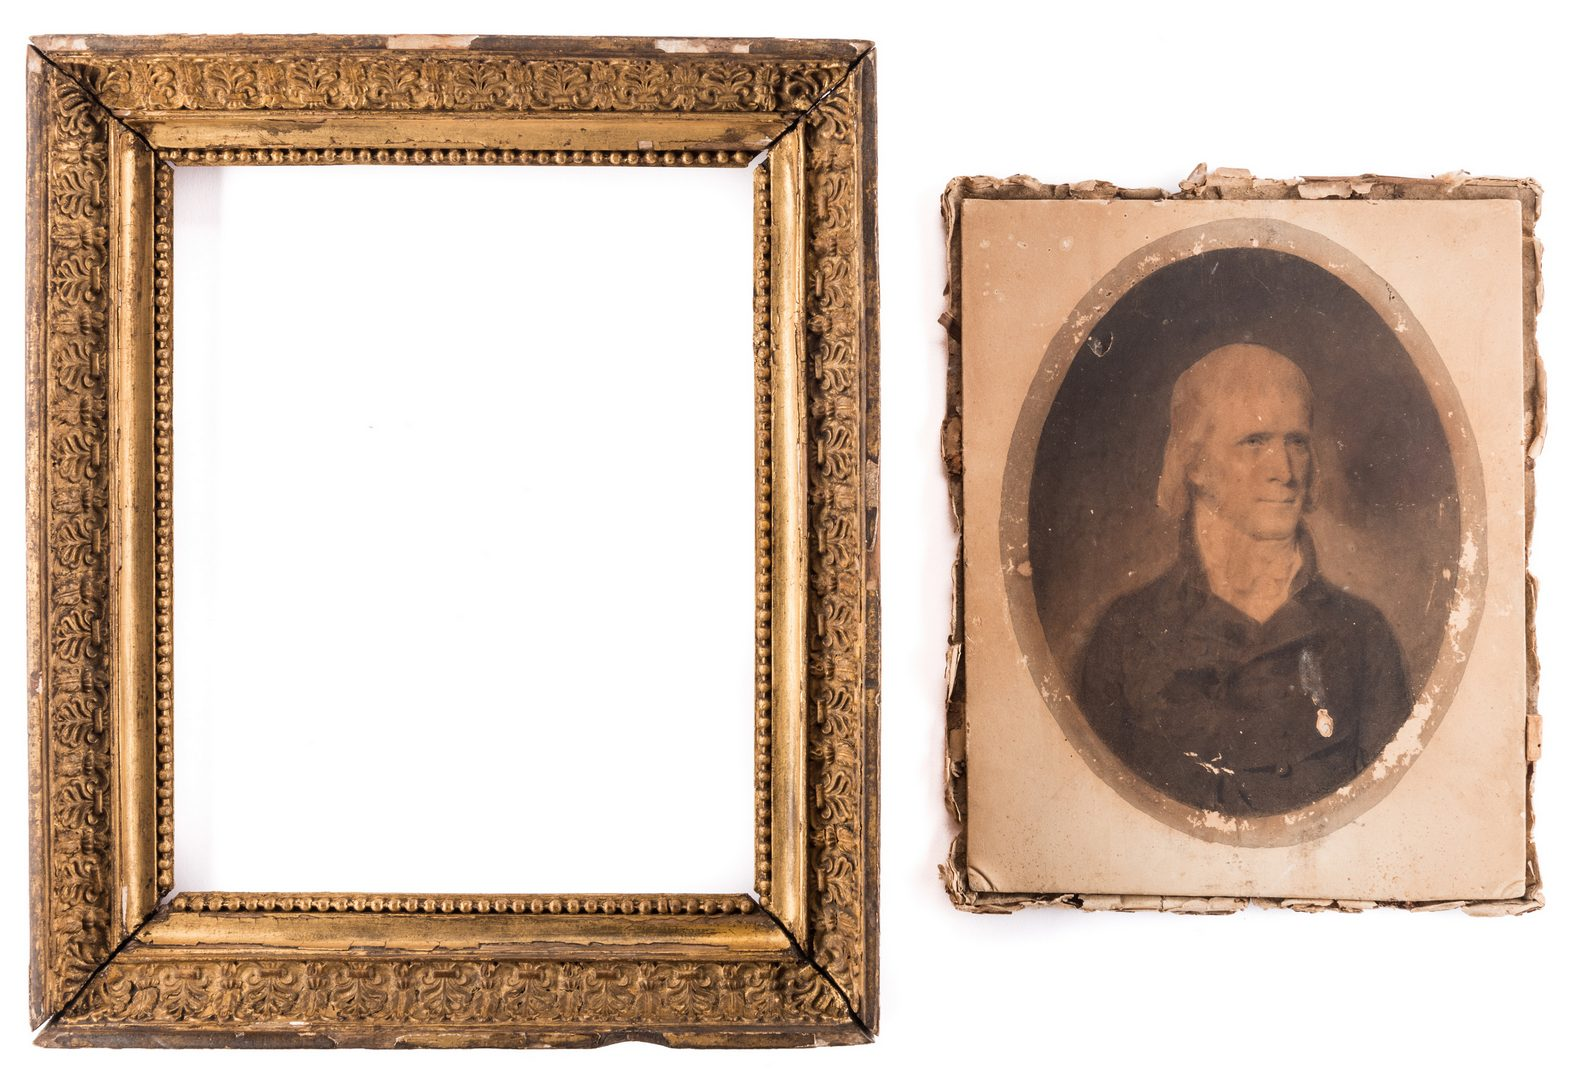 Lot 438: John Vanderlyn 1804 Portrait, possibly Thomas Jefferson